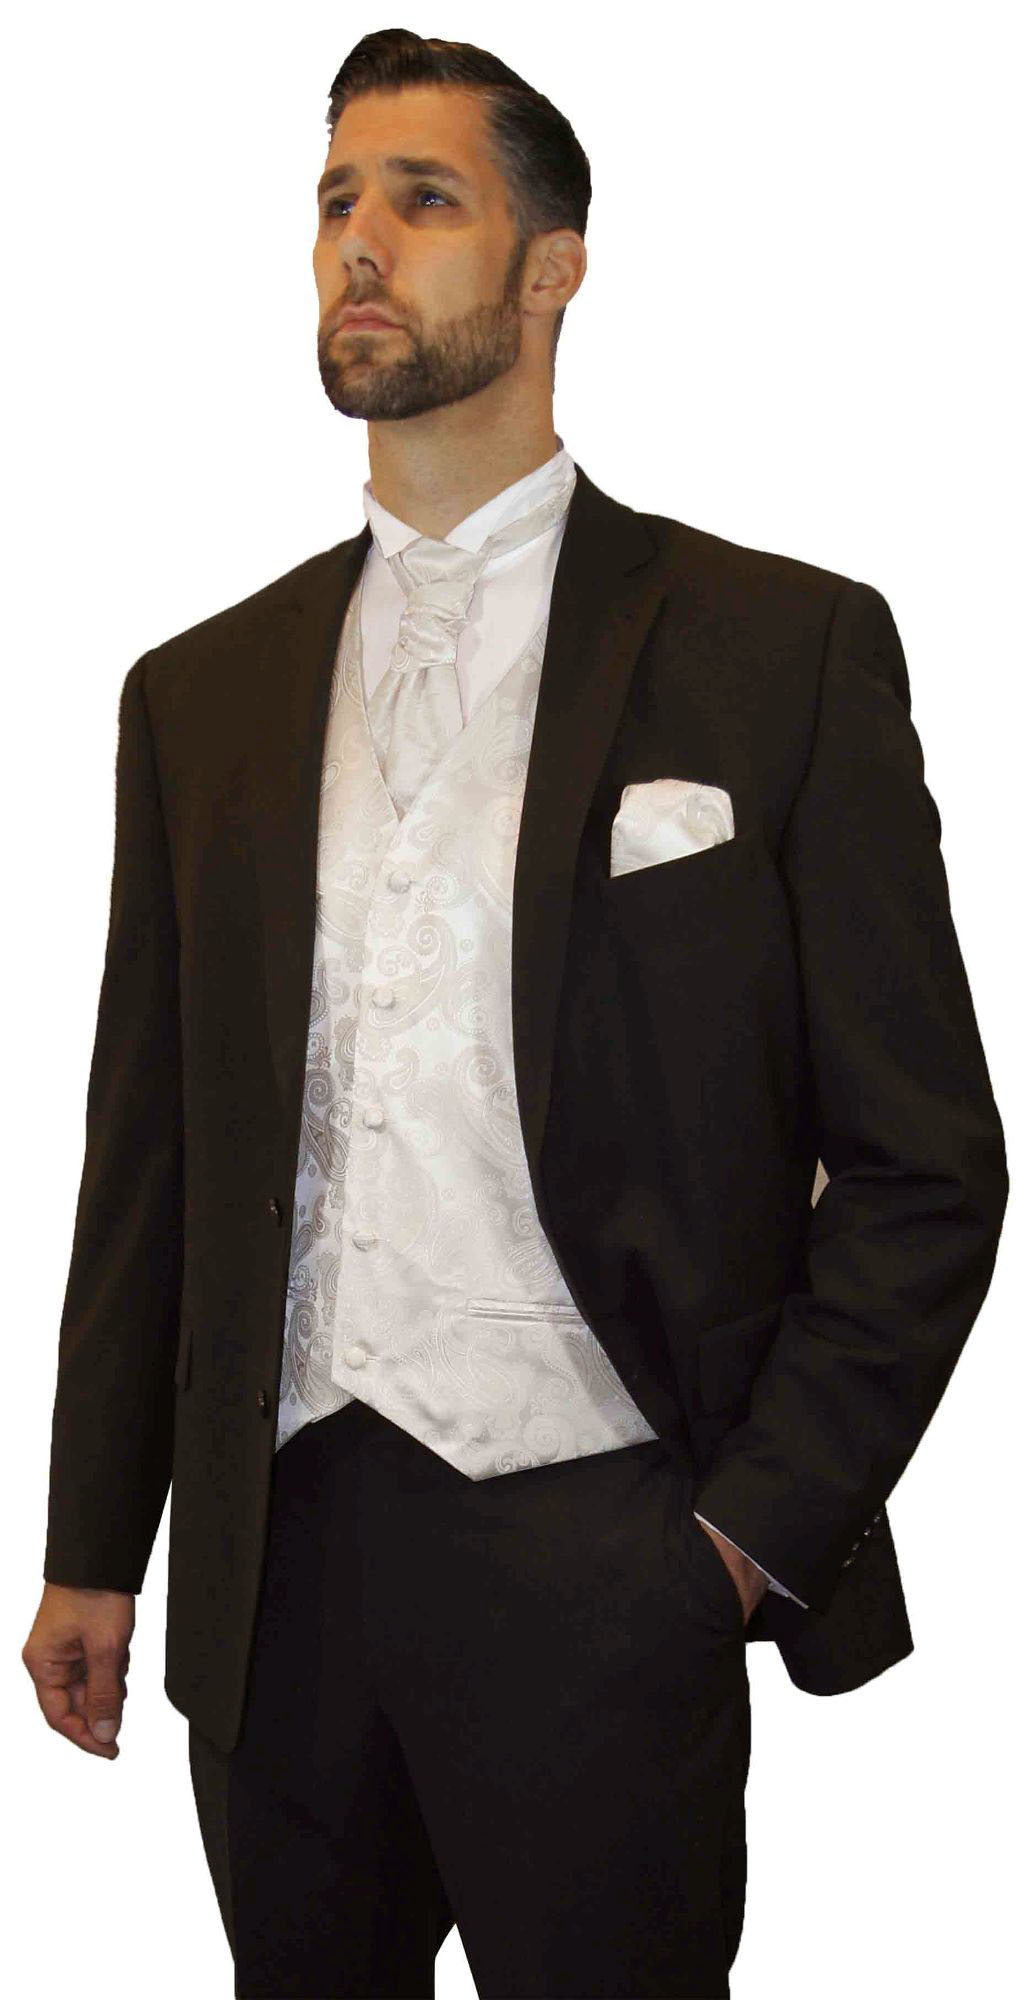 new style 913bb 3d29f Hochzeitsanzug Set 7tlg. braun -Stretch-   Herren Weste ivory paisley    Hochzeitshemd weiß